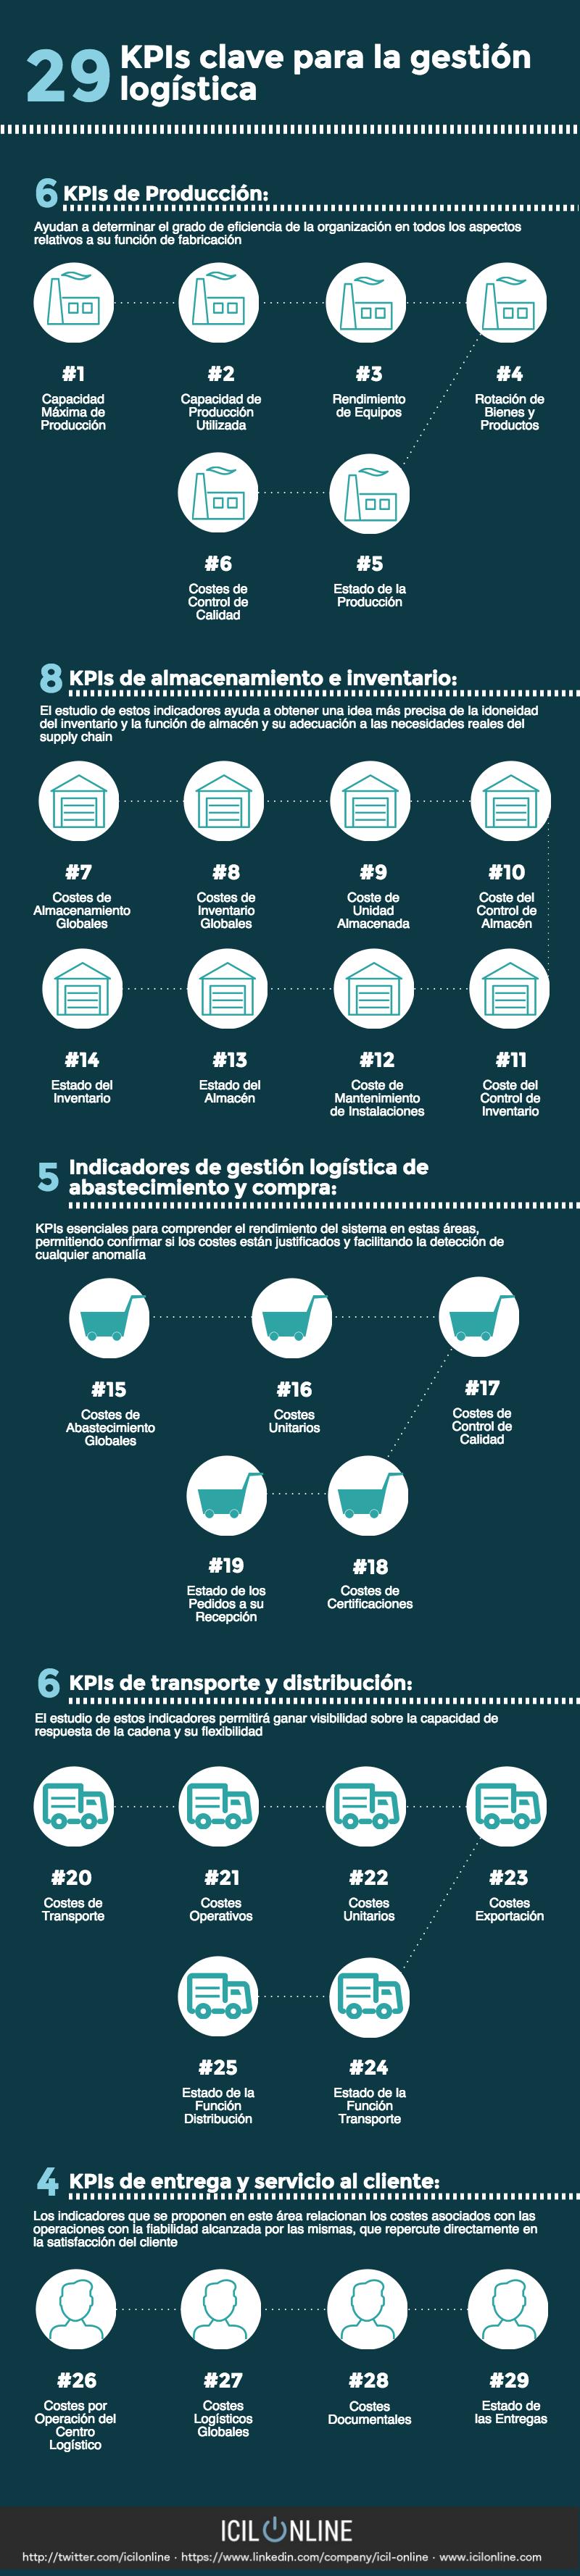 29 KPI claves para la gestión logística